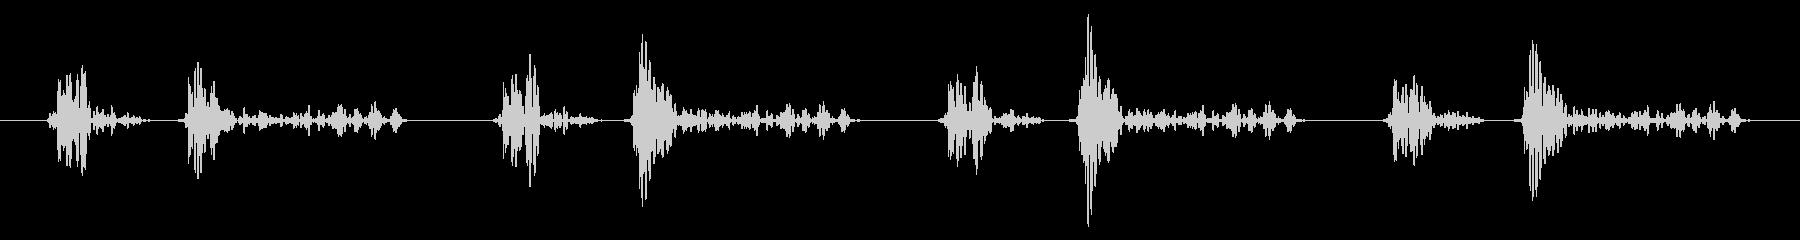 「ドクン!ドクン!」心臓心拍、鼓動音06の未再生の波形